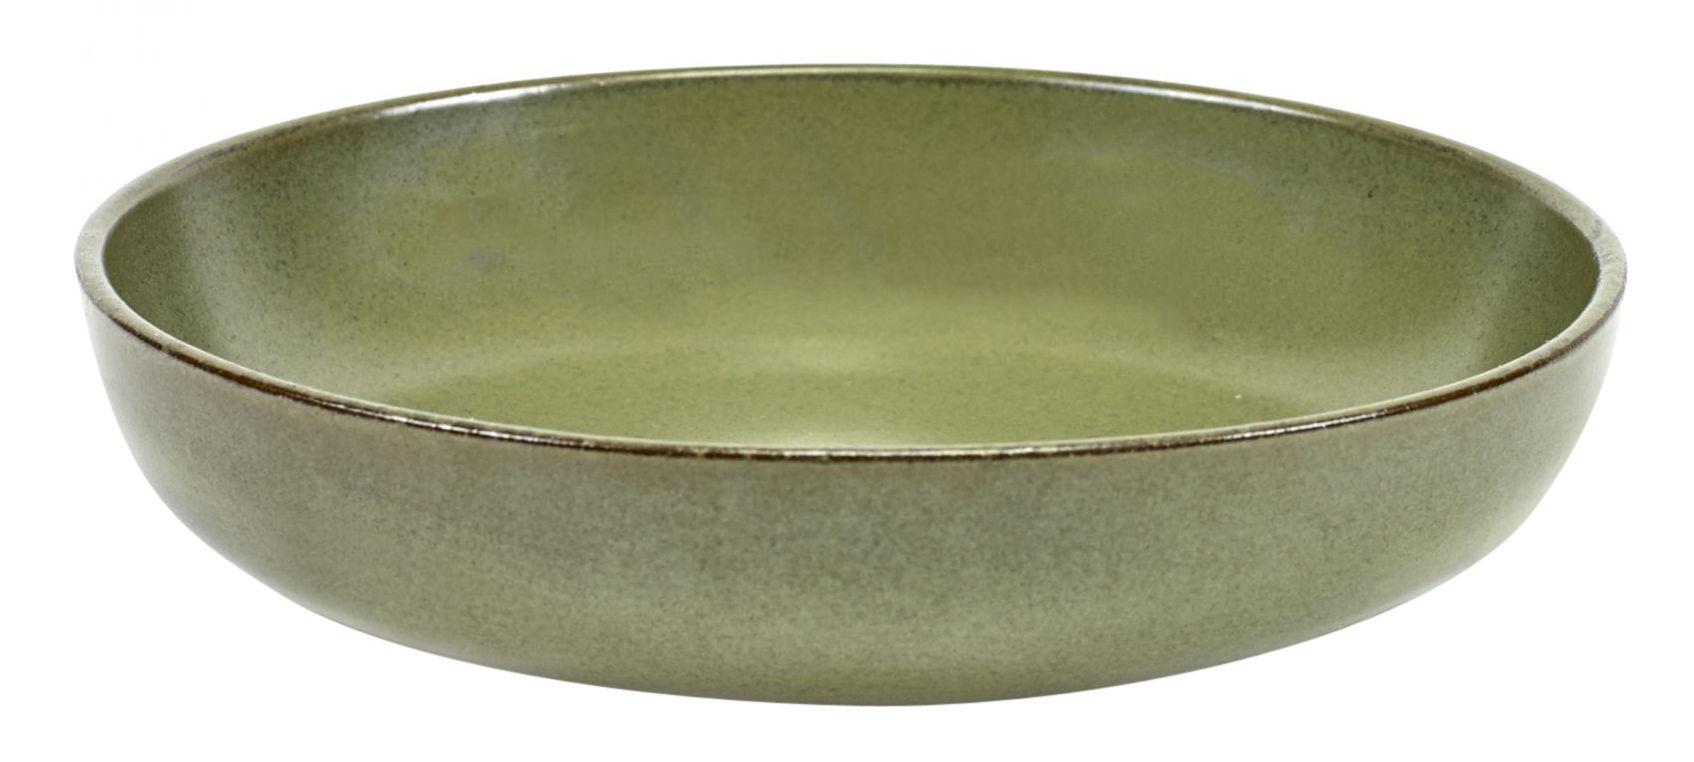 Tavola - Piatti  - Piatto fondo Surface / Ø 19 cm - By Sergio Herman - Serax - Verde Camogreen - Ceramica smaltata